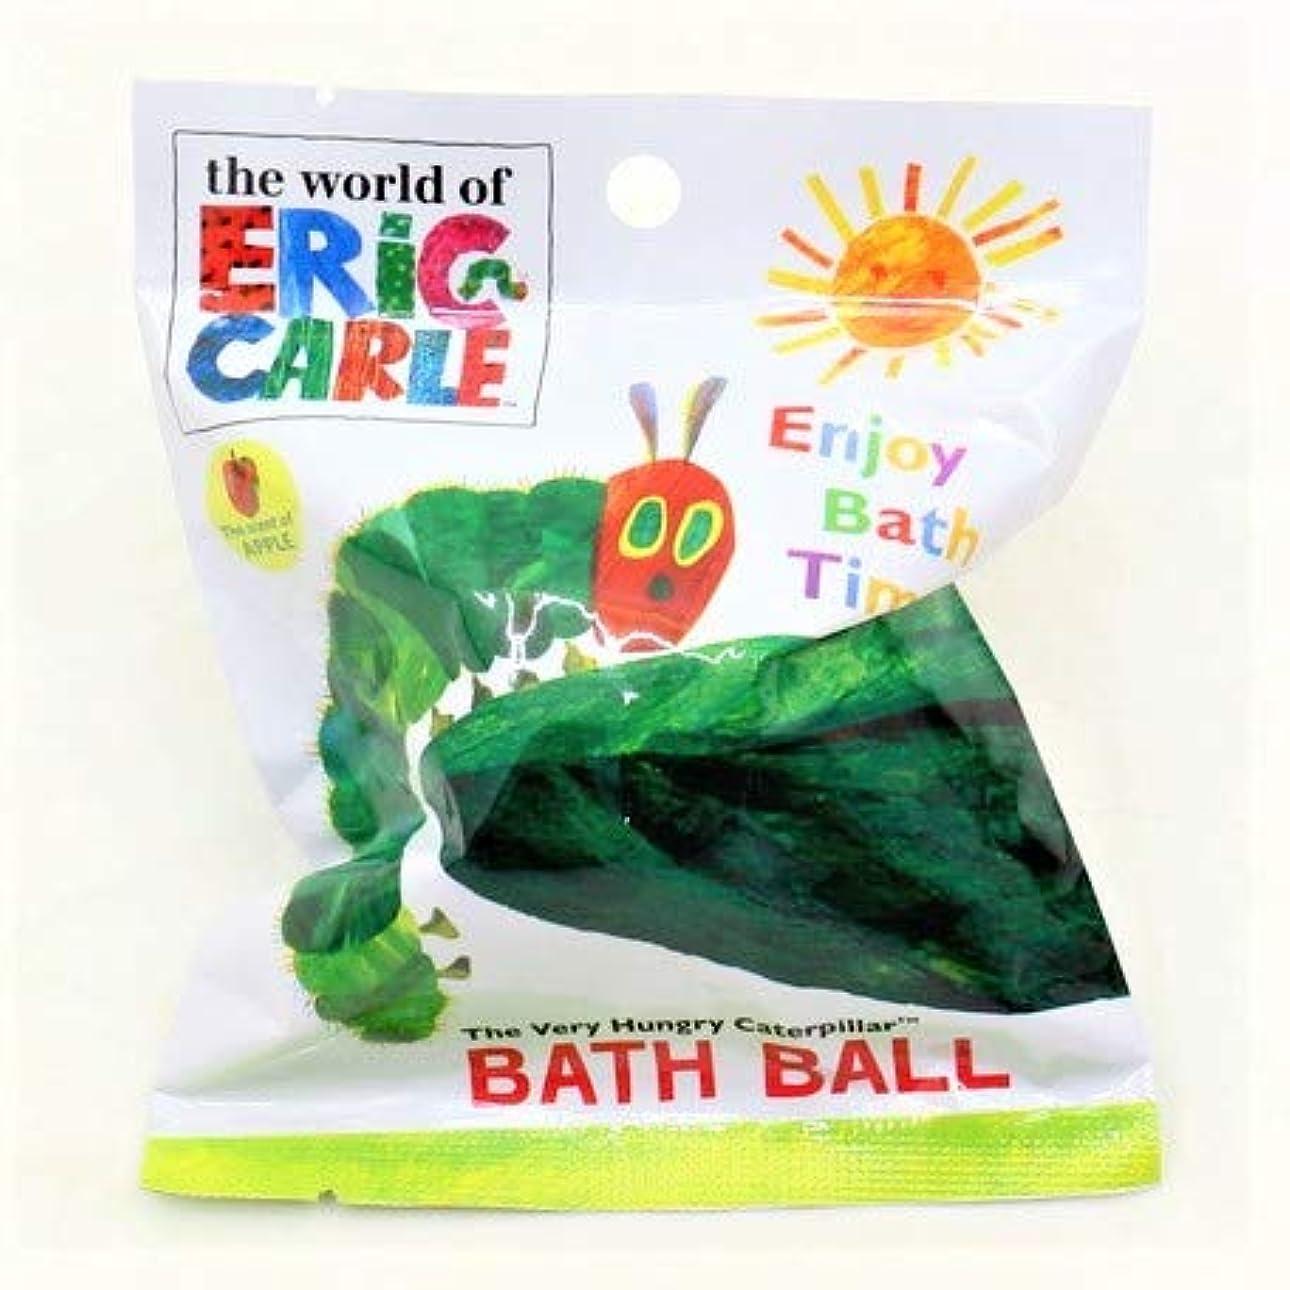 親粉砕する広範囲はらぺこあおむし バスボール 入浴剤 りんごの香り 6個入1セット